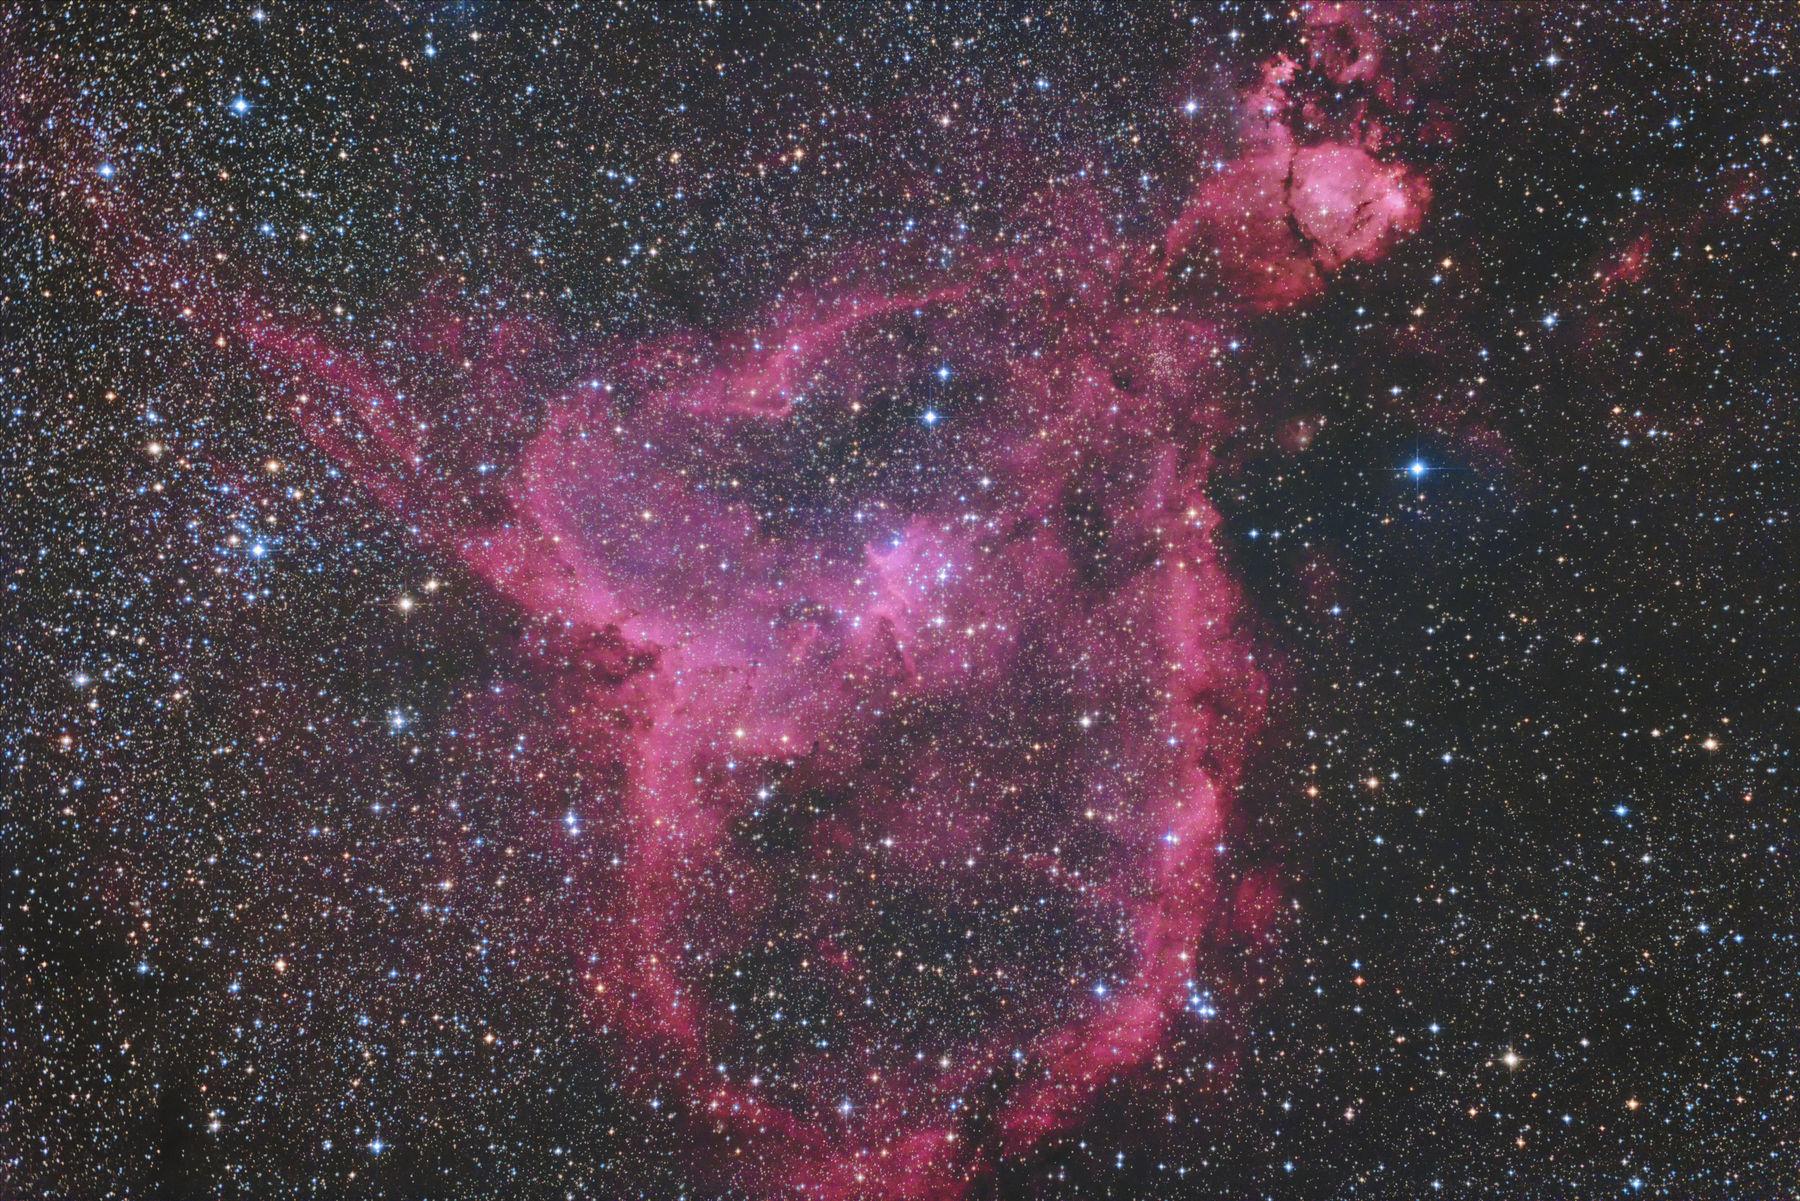 【星雲】IC1805 ハート星雲